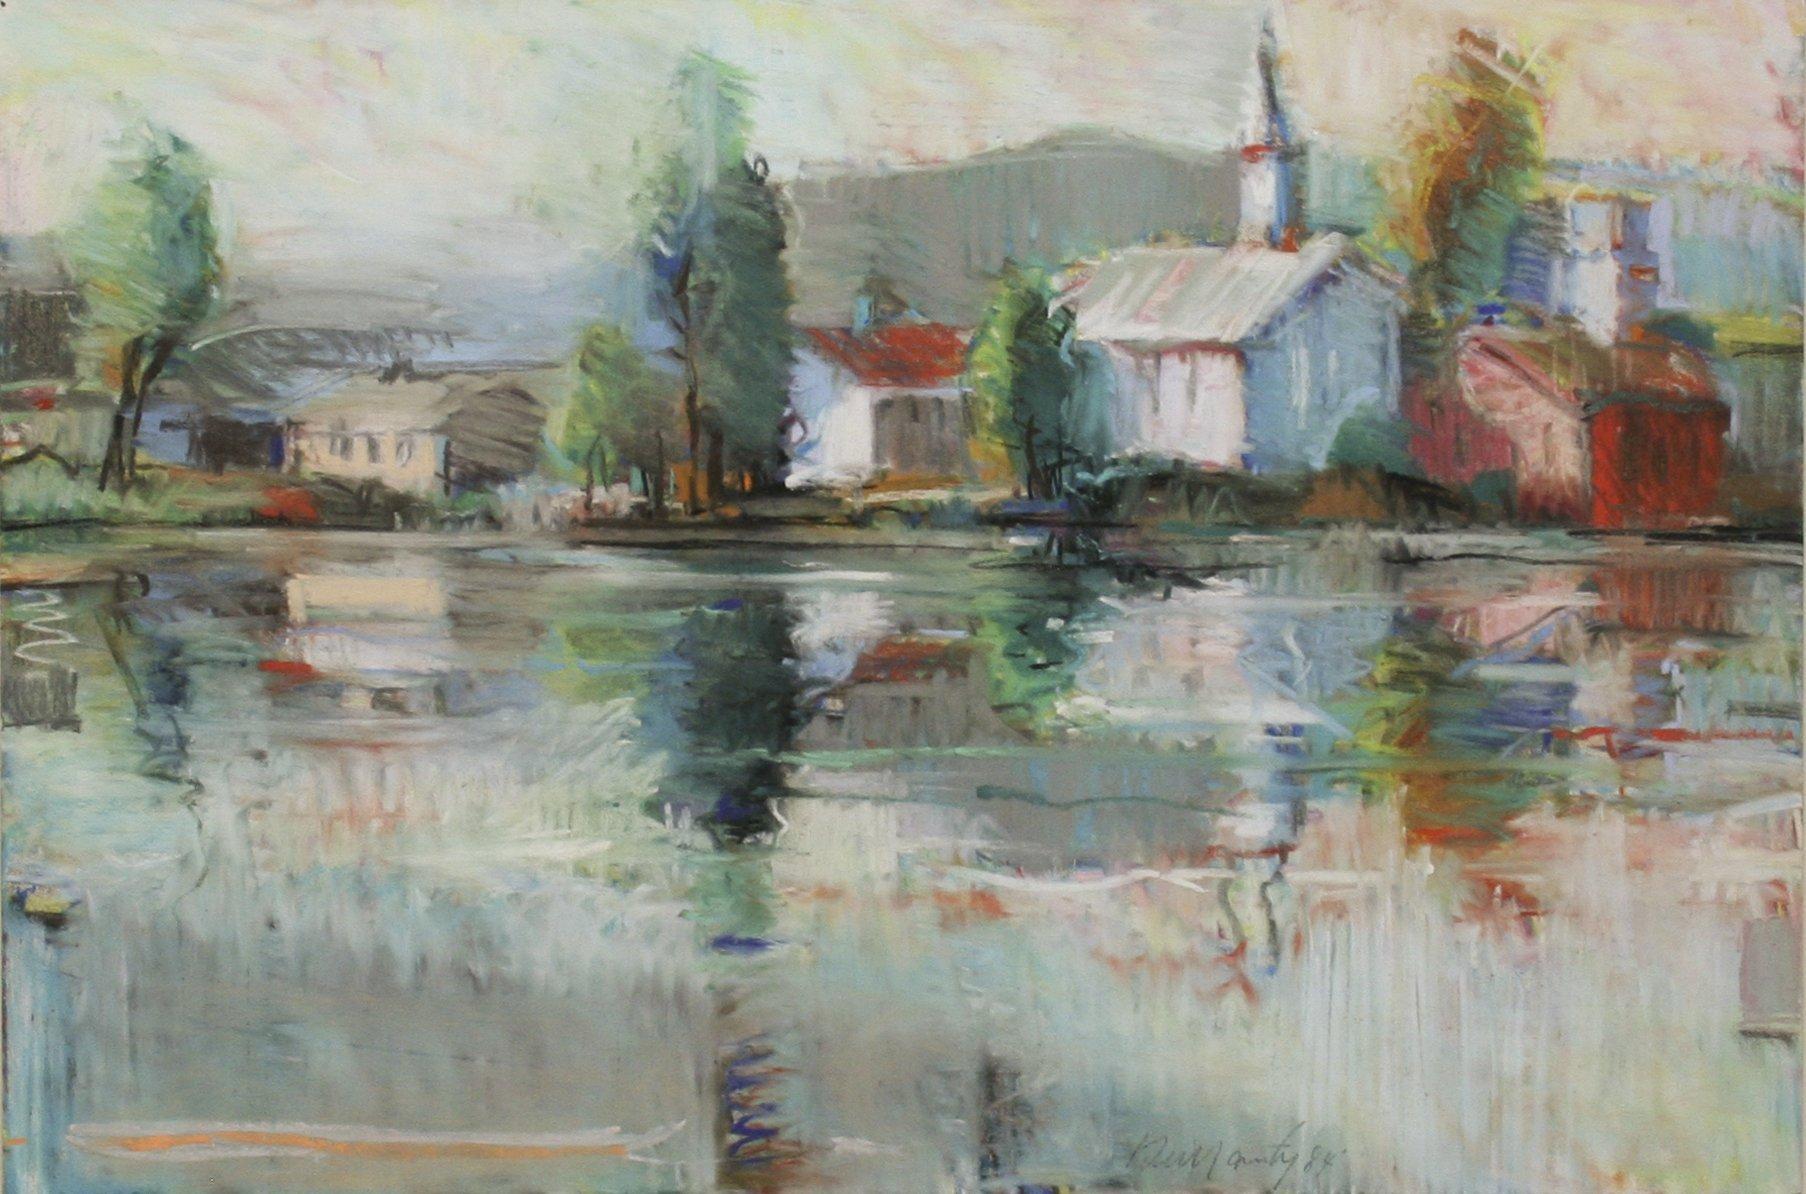 Dullanty, Patrick – Village Pond, 1984